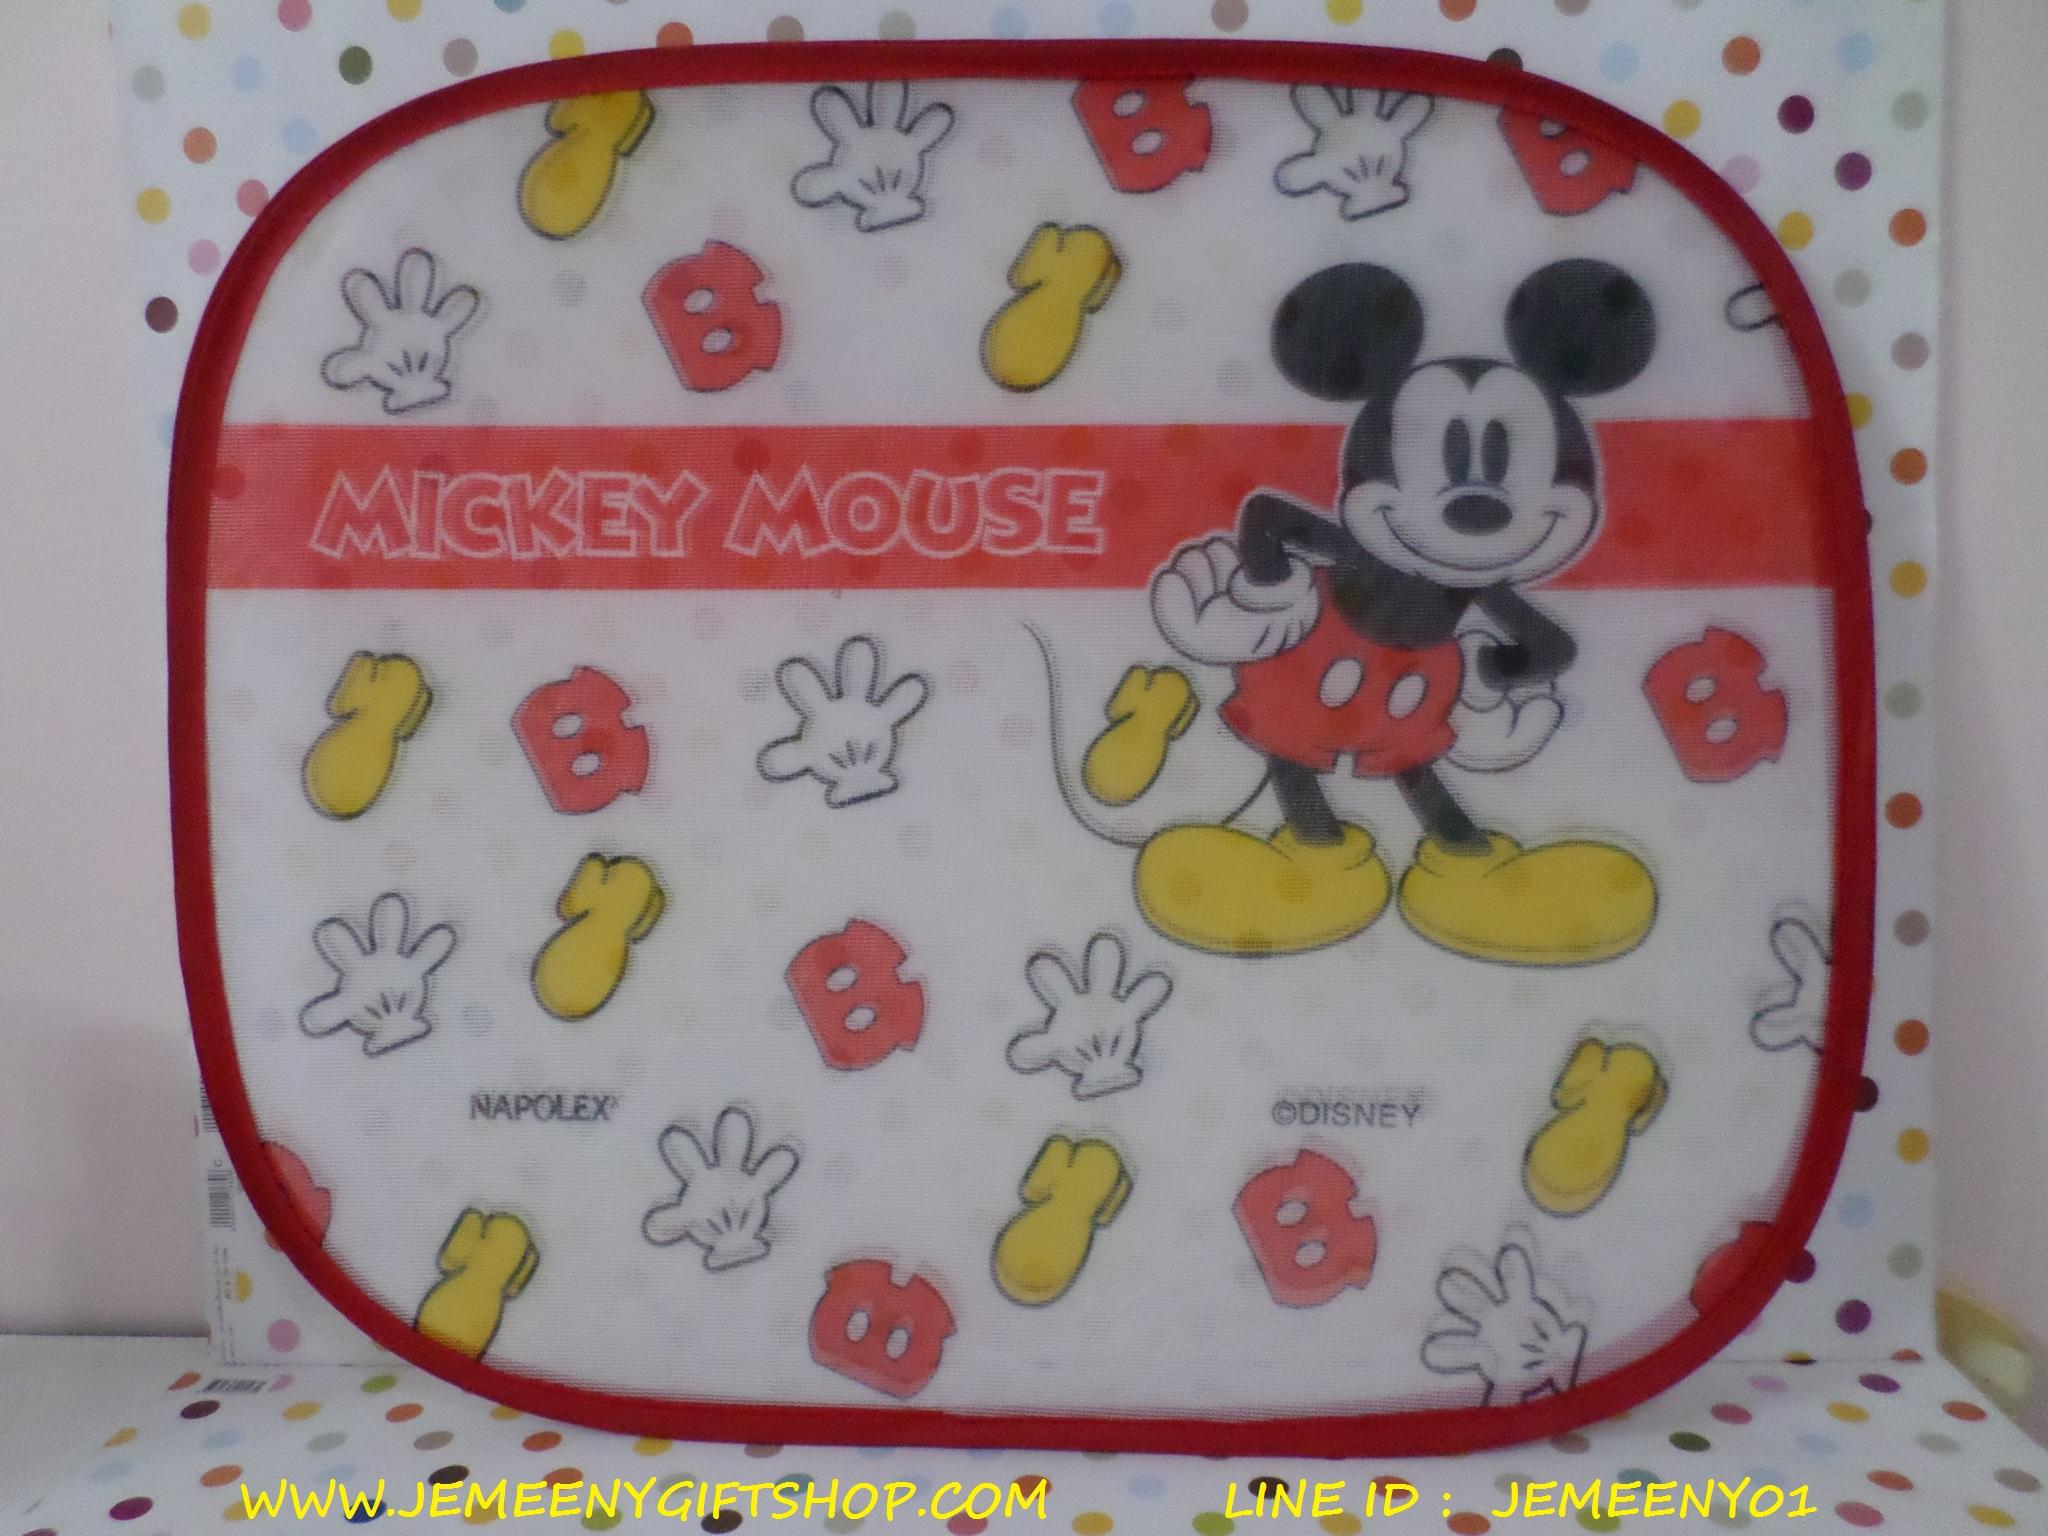 ม่านบังแดดรถยนต์ด้านกระจกข้าง มิกกี้เม้าส์ mickey mouse#1 ราคาต่อคู่